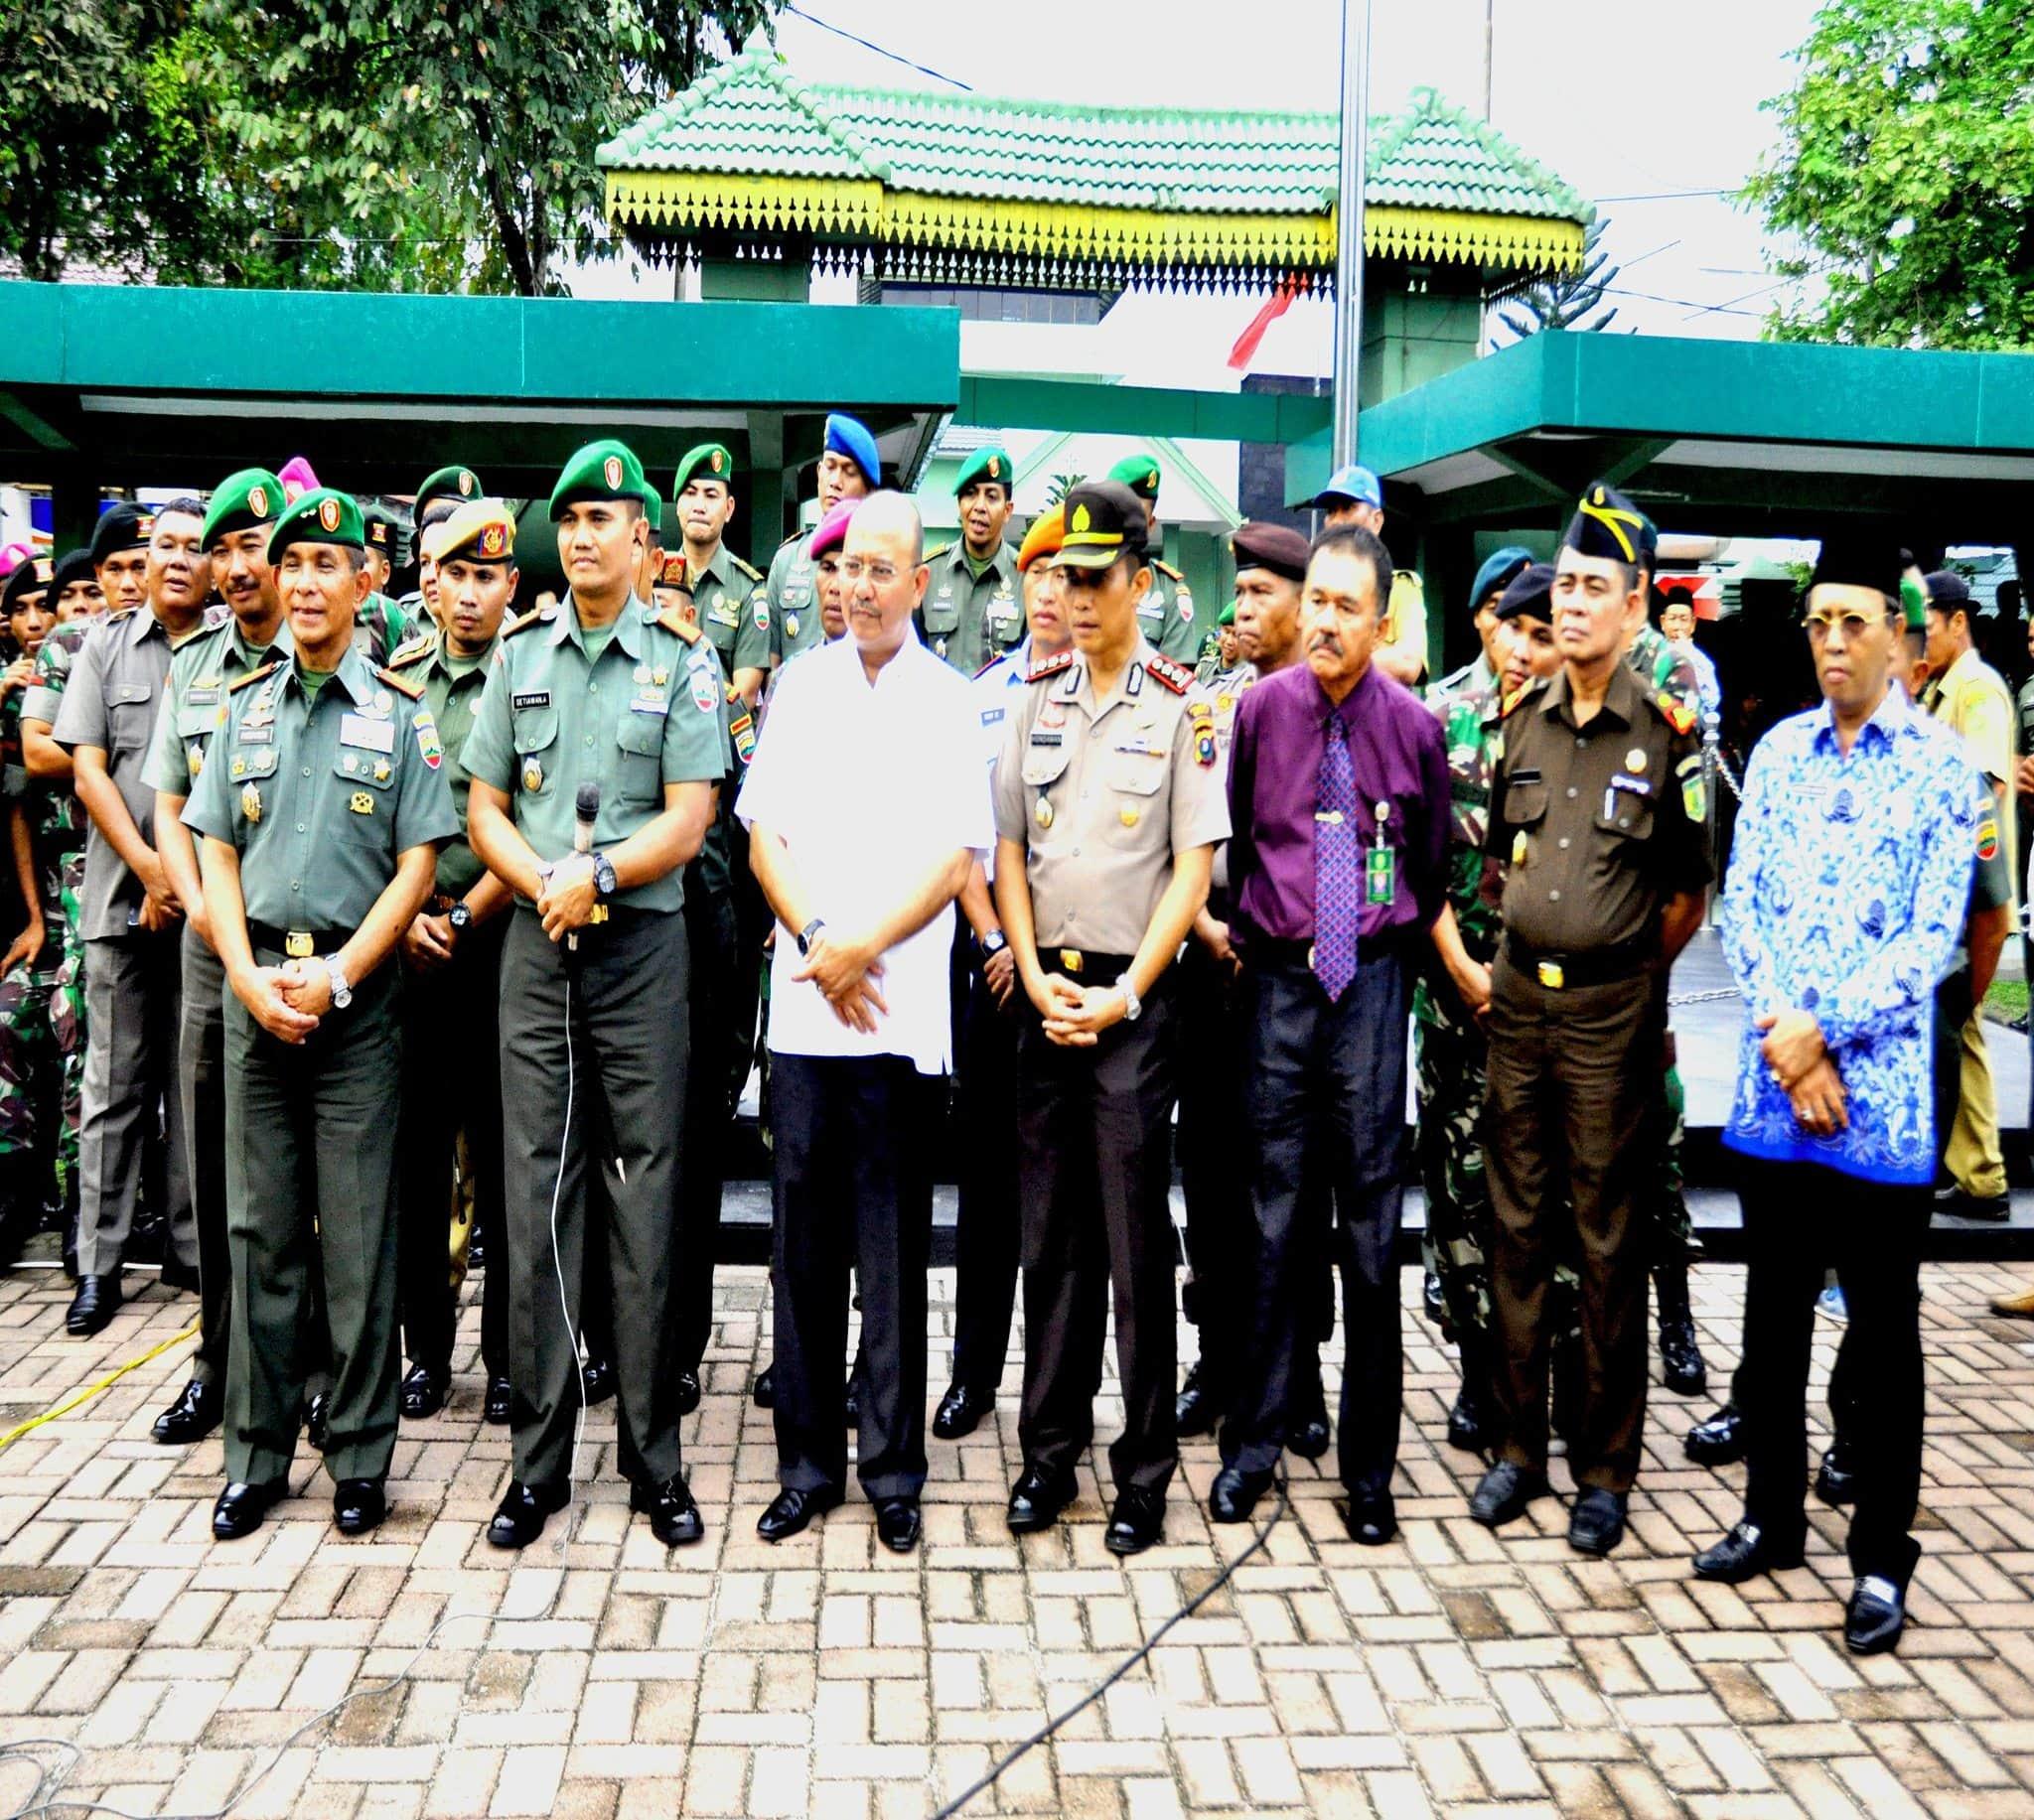 DANDIM 0201/BS TELECONFERENCE PANGLIMA TNI DALAM RANGKA MENYAMBUT HUT TNI